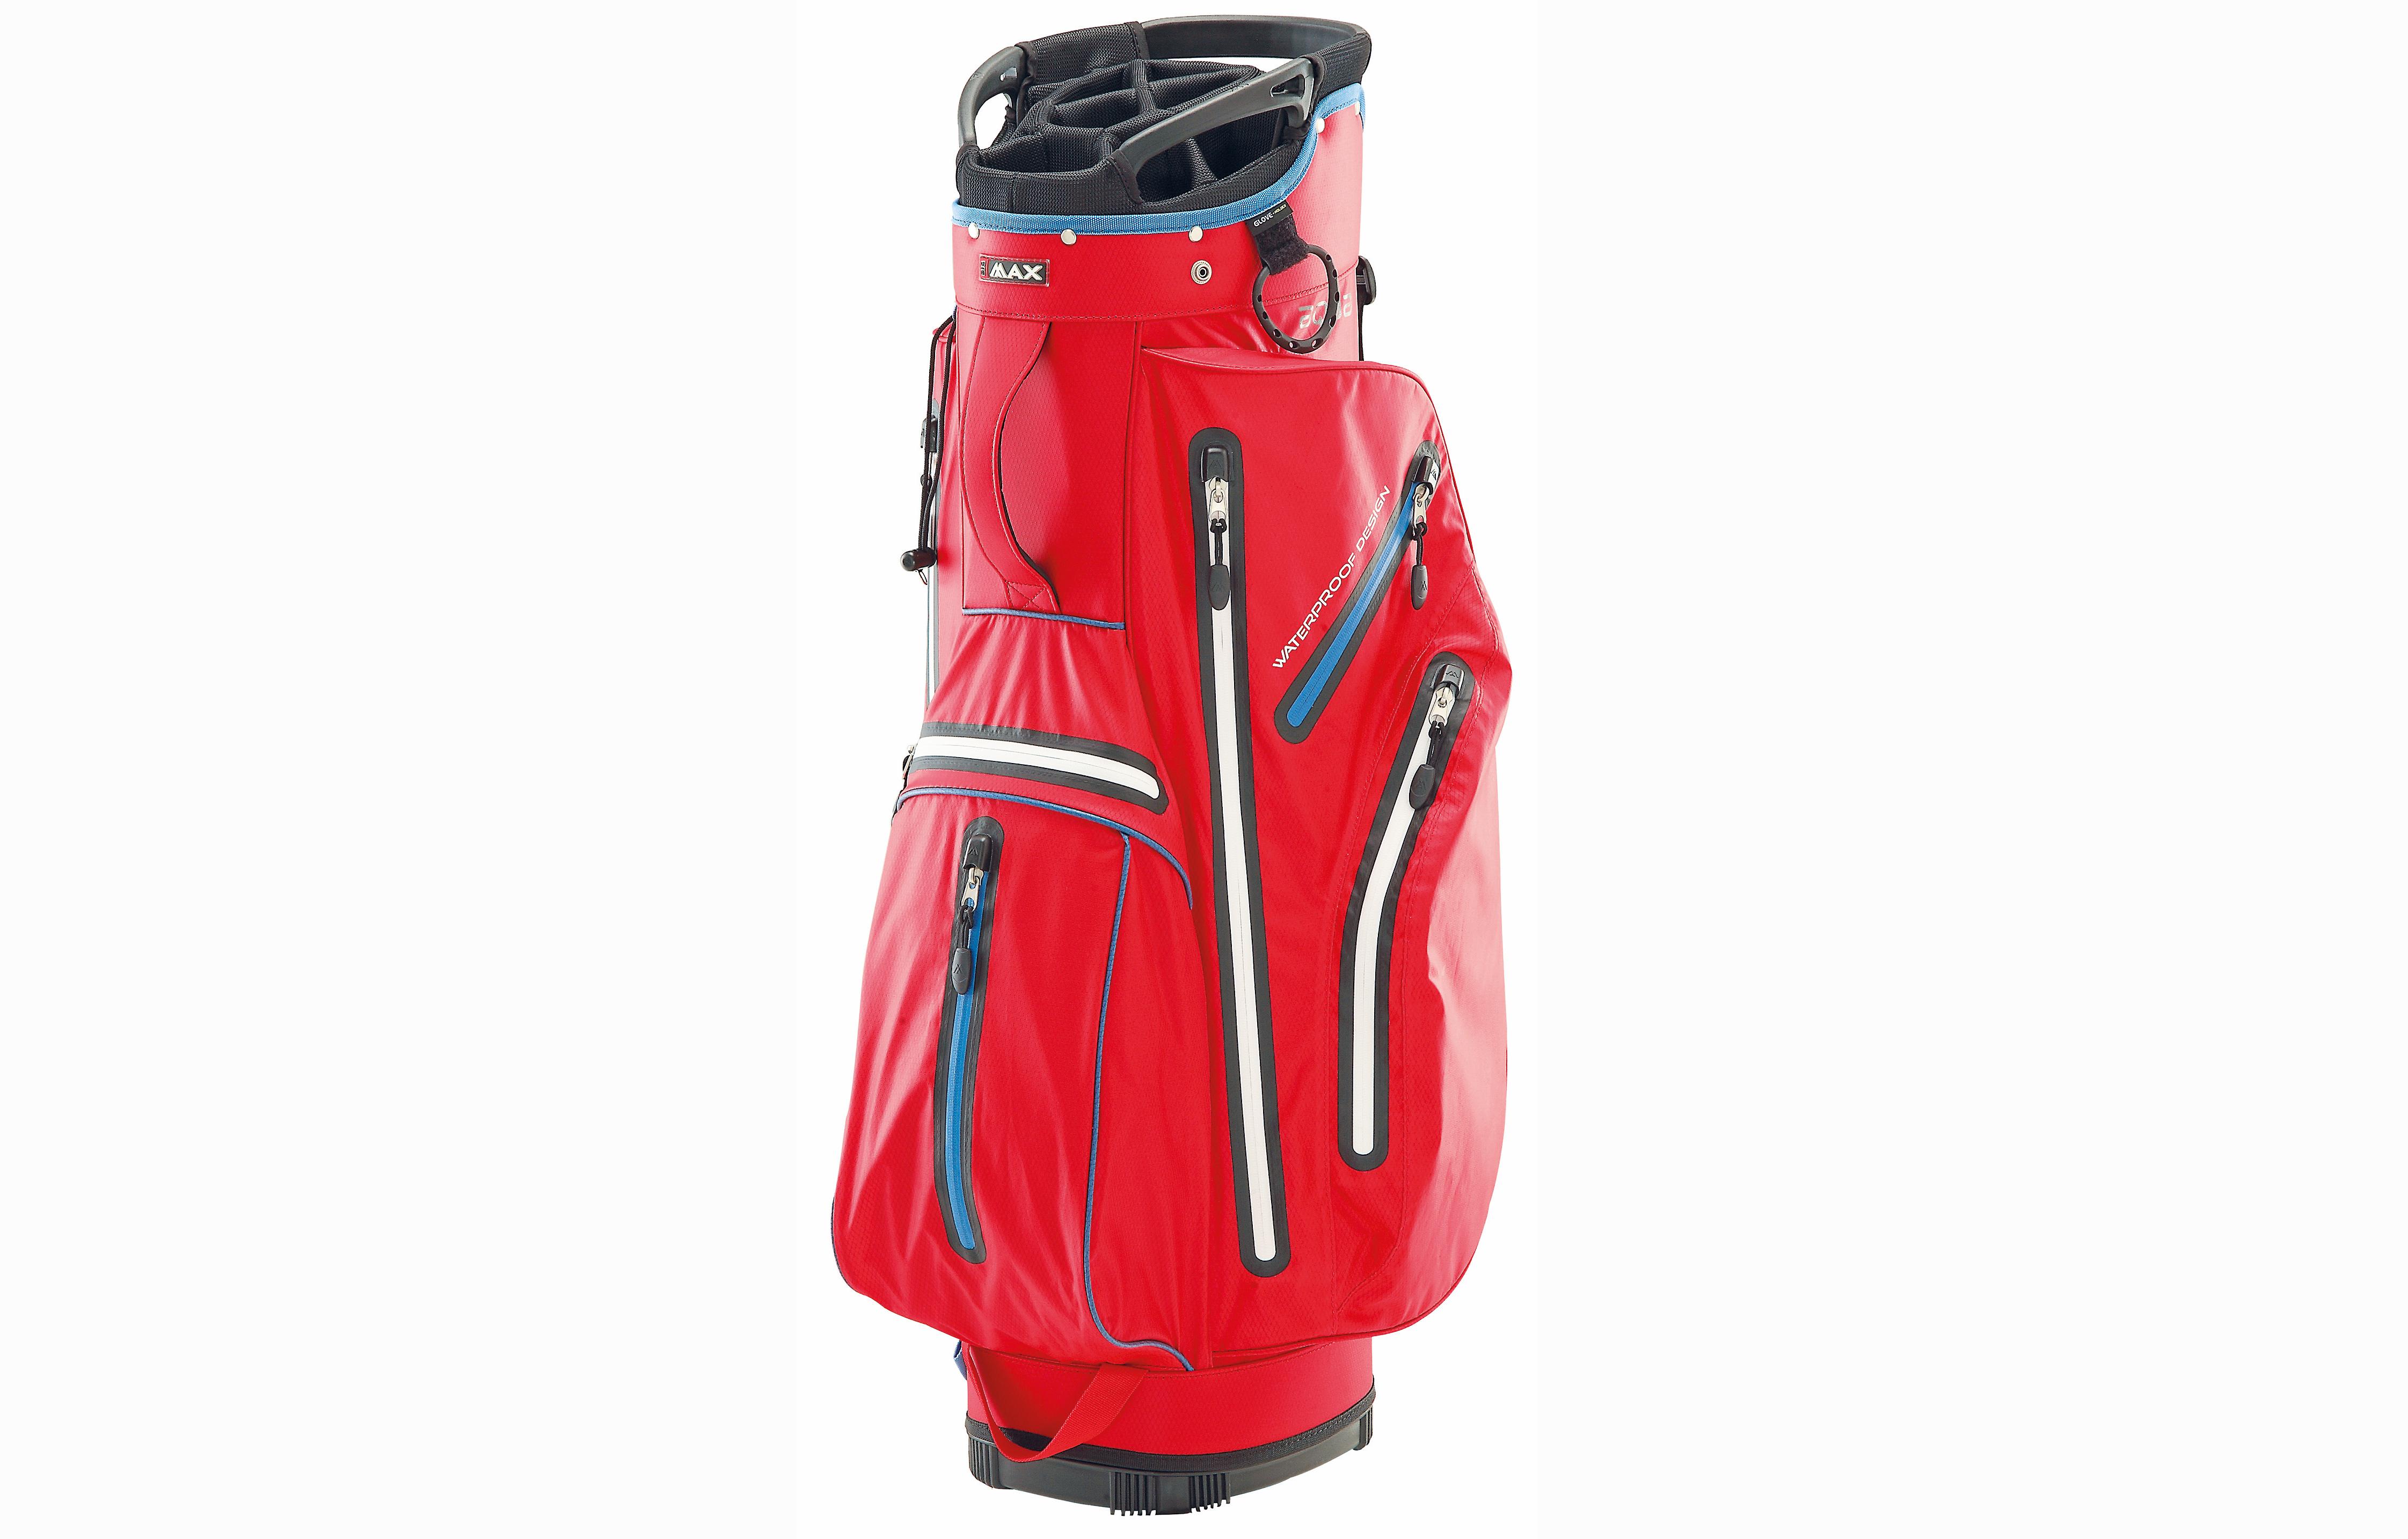 Big Max Aqua Drive Bag